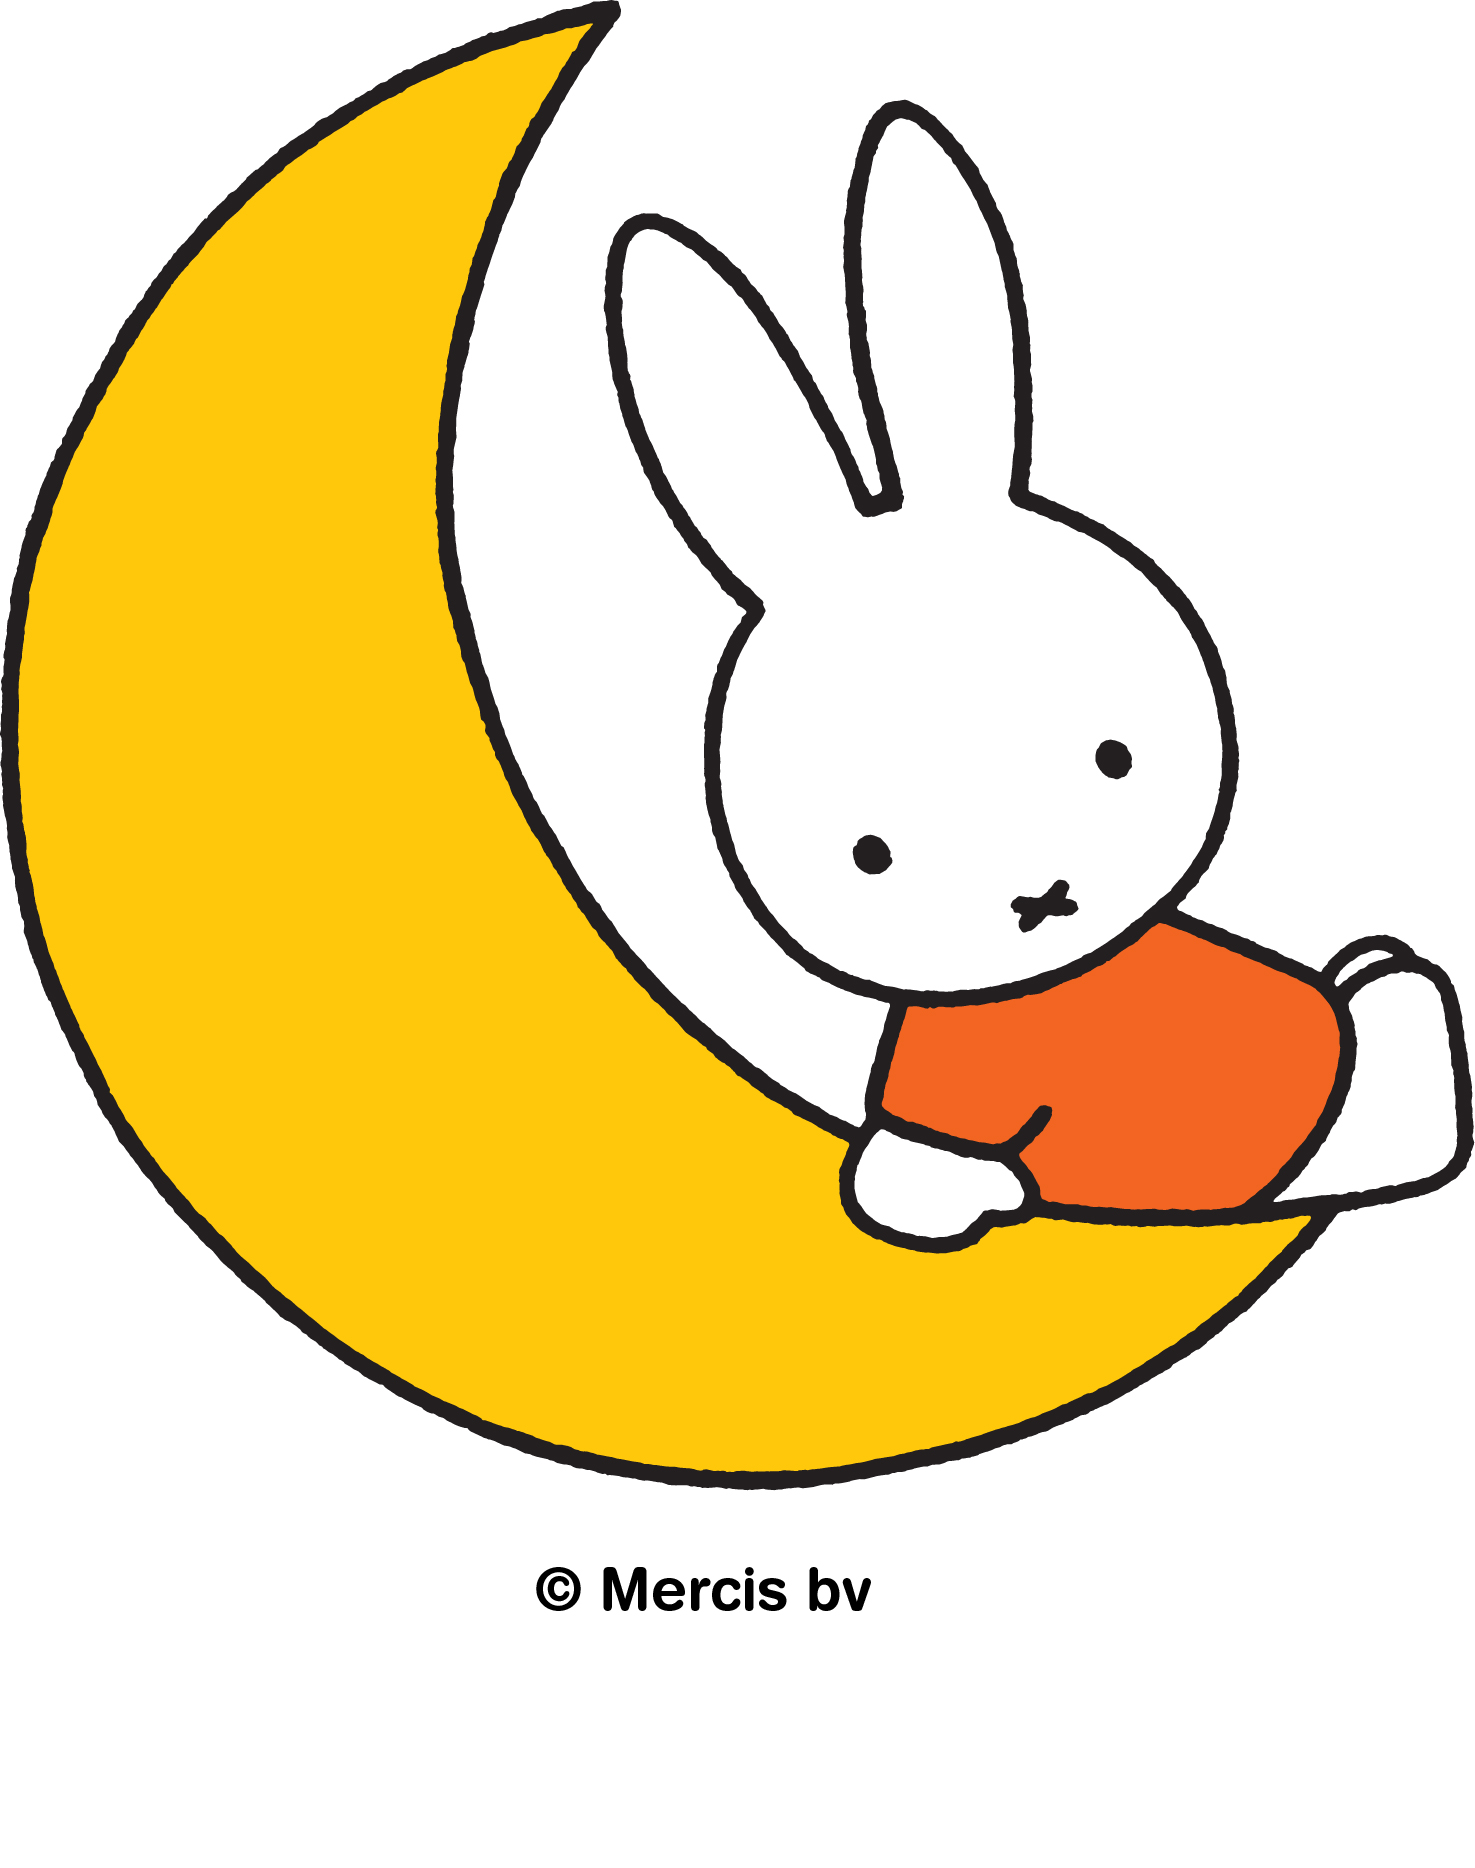 348053 nijntje op de maan logo%20%28online%29 3beded original 1582792345